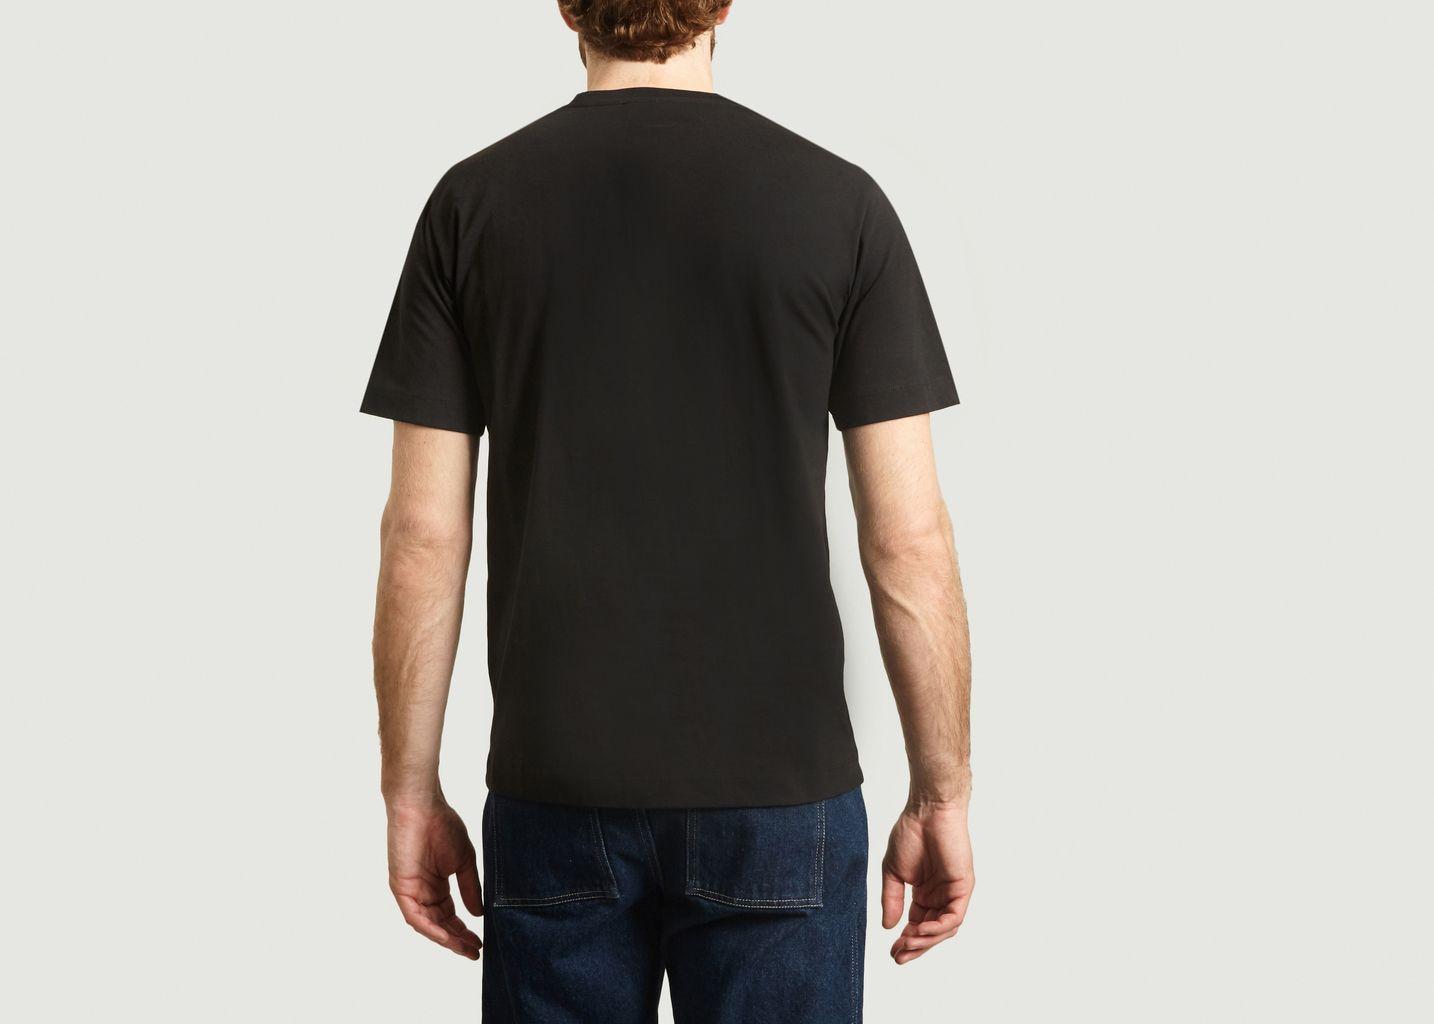 T-shirt Wonder imprimé logo - Études